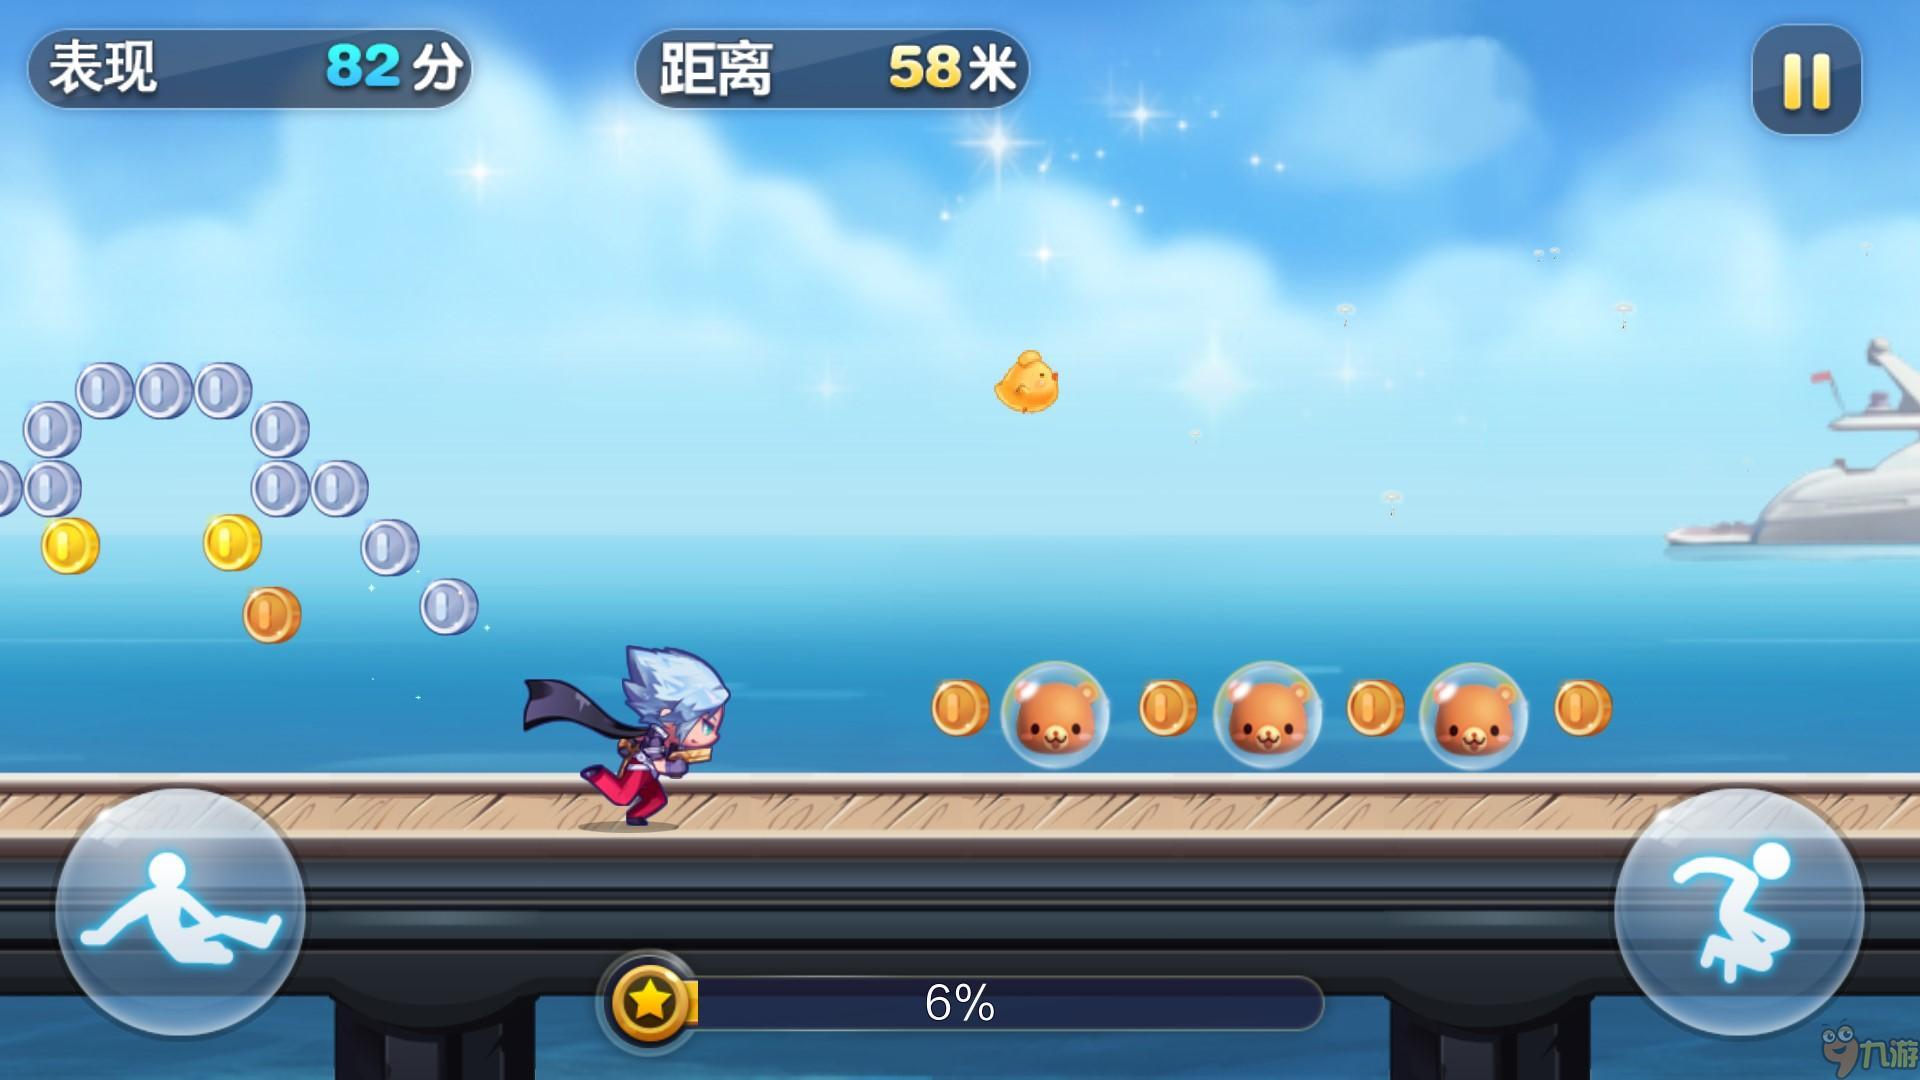 腾讯游戏王国经典游戏盘点(手游元年)_九游苹果手机